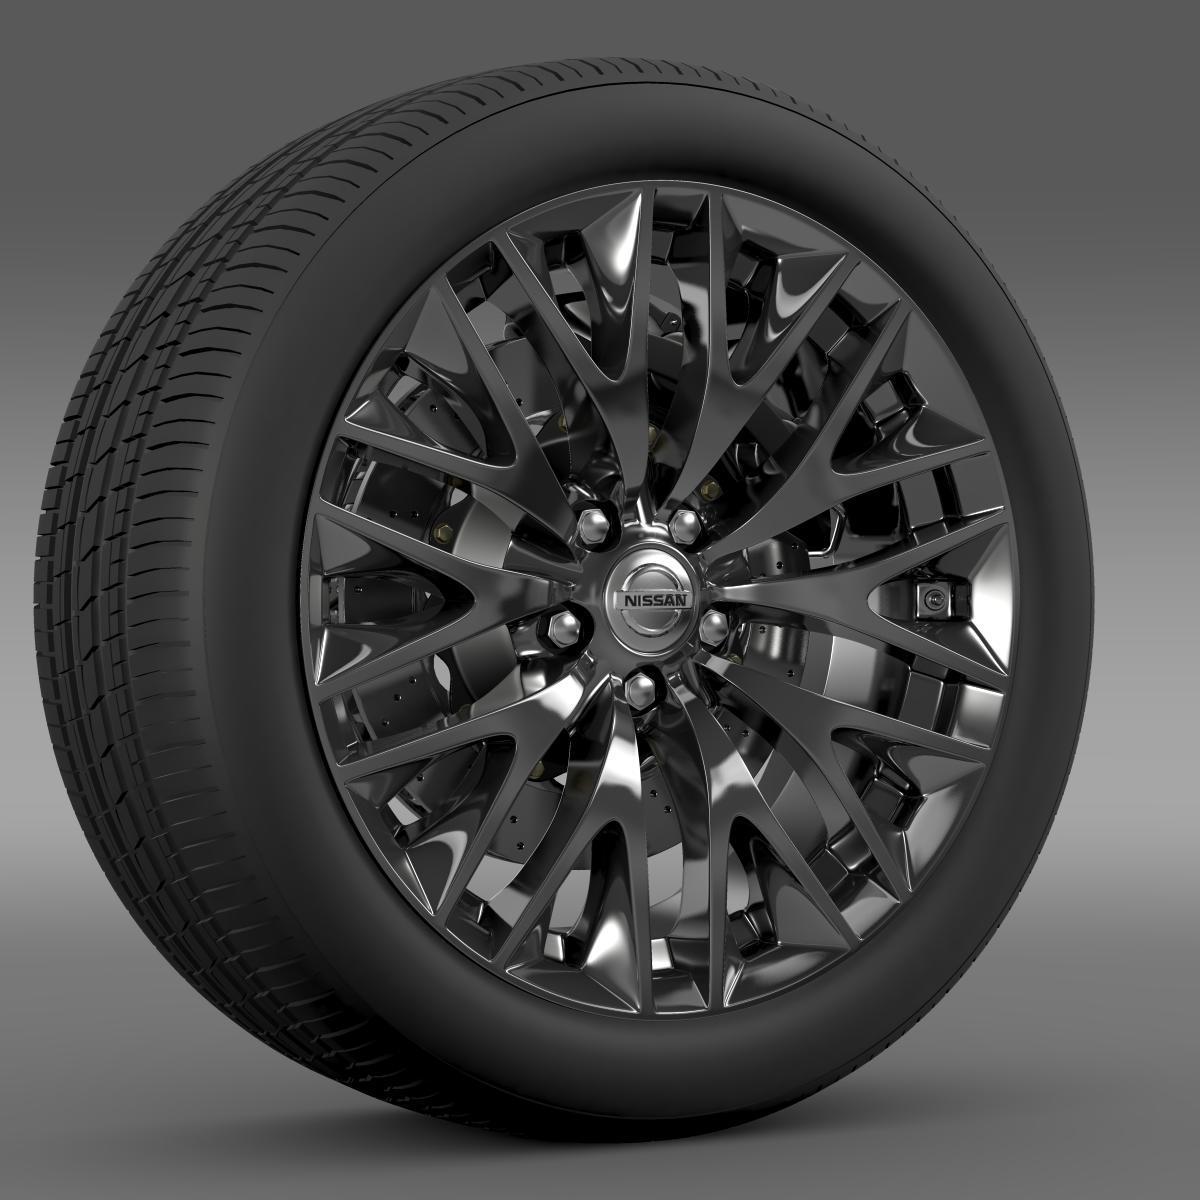 nissan cima hybrid wheel 3d model 3ds max fbx c4d lwo ma mb hrc xsi obj 210815